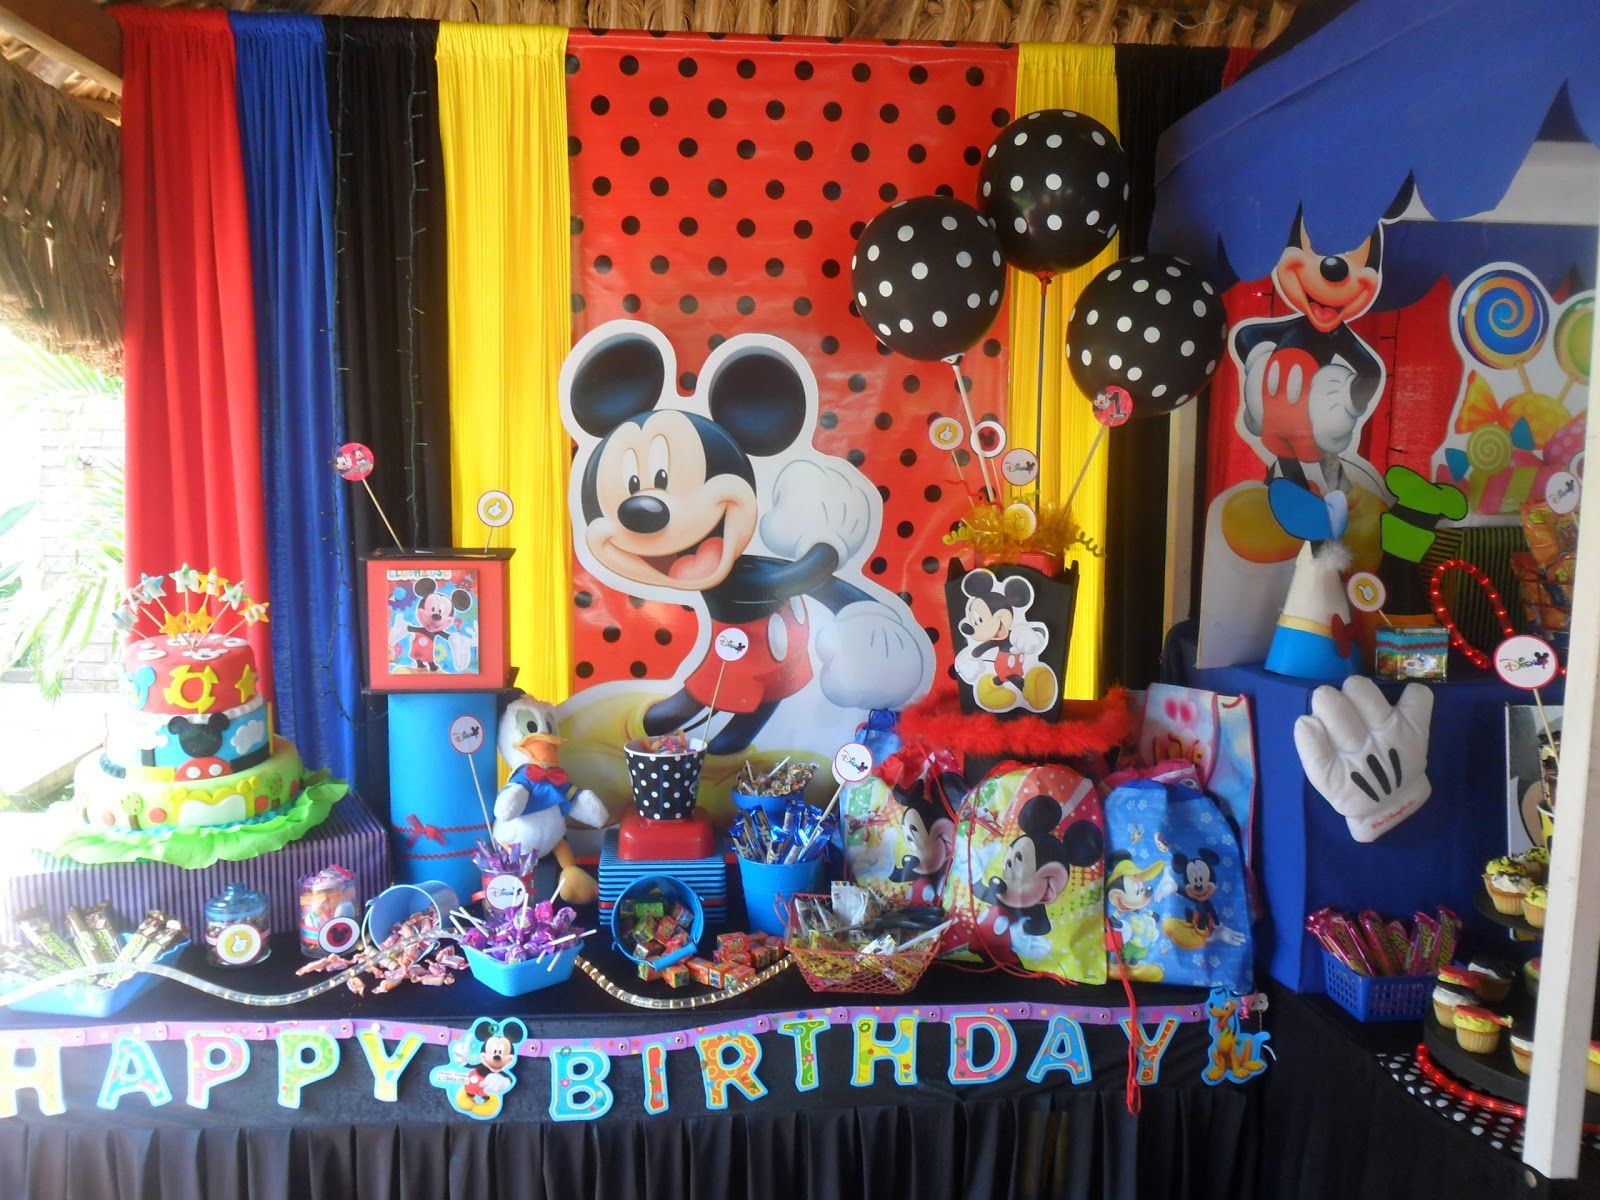 Decoracion fiestas infantiles en casa cool decoracion - Decoracion fiestas infantiles en casa ...